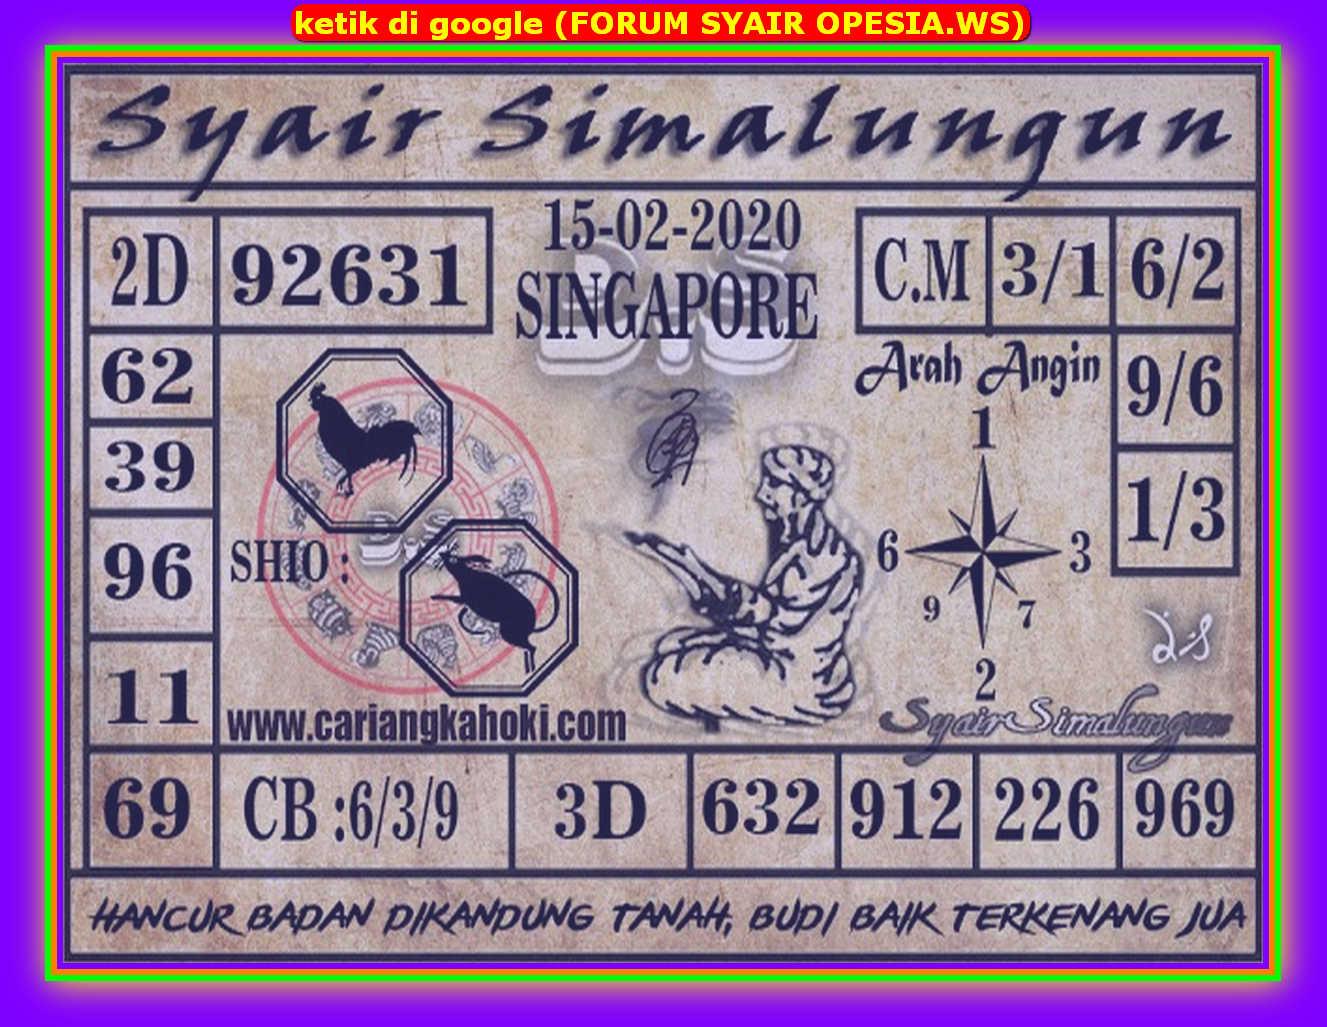 Kode syair Singapore Sabtu 15 Februari 2020 162